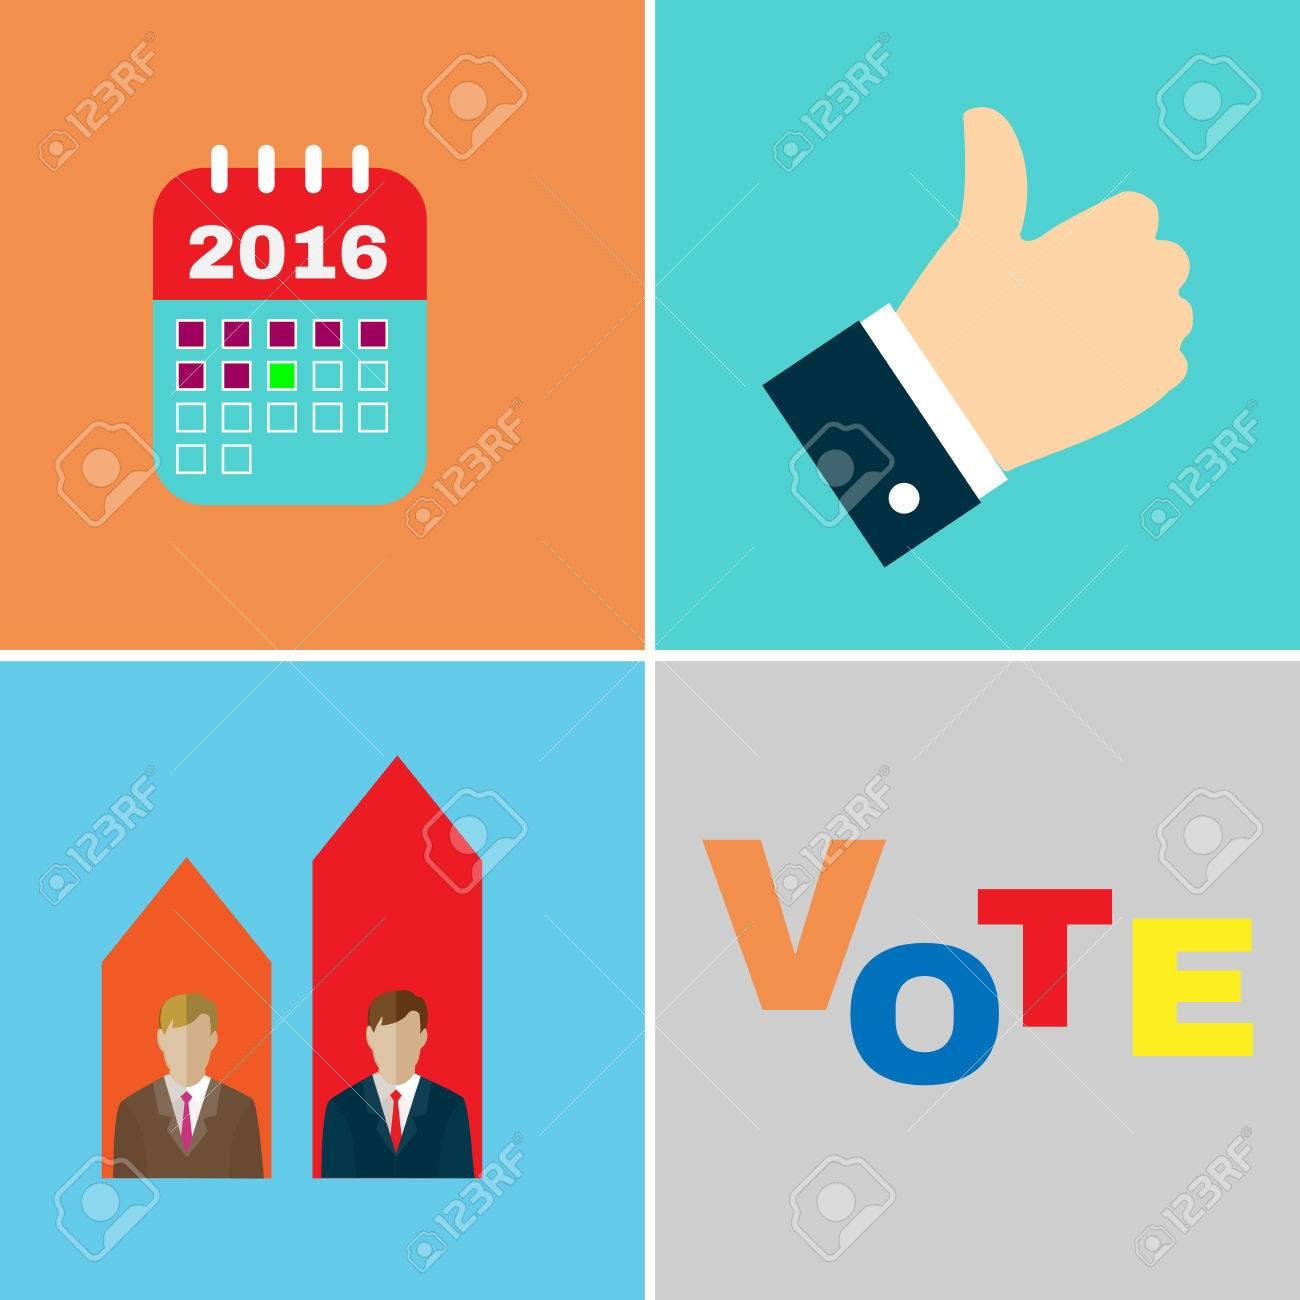 Establece Las Elecciones Icono De Campaña. Los Candidatos Debates ...